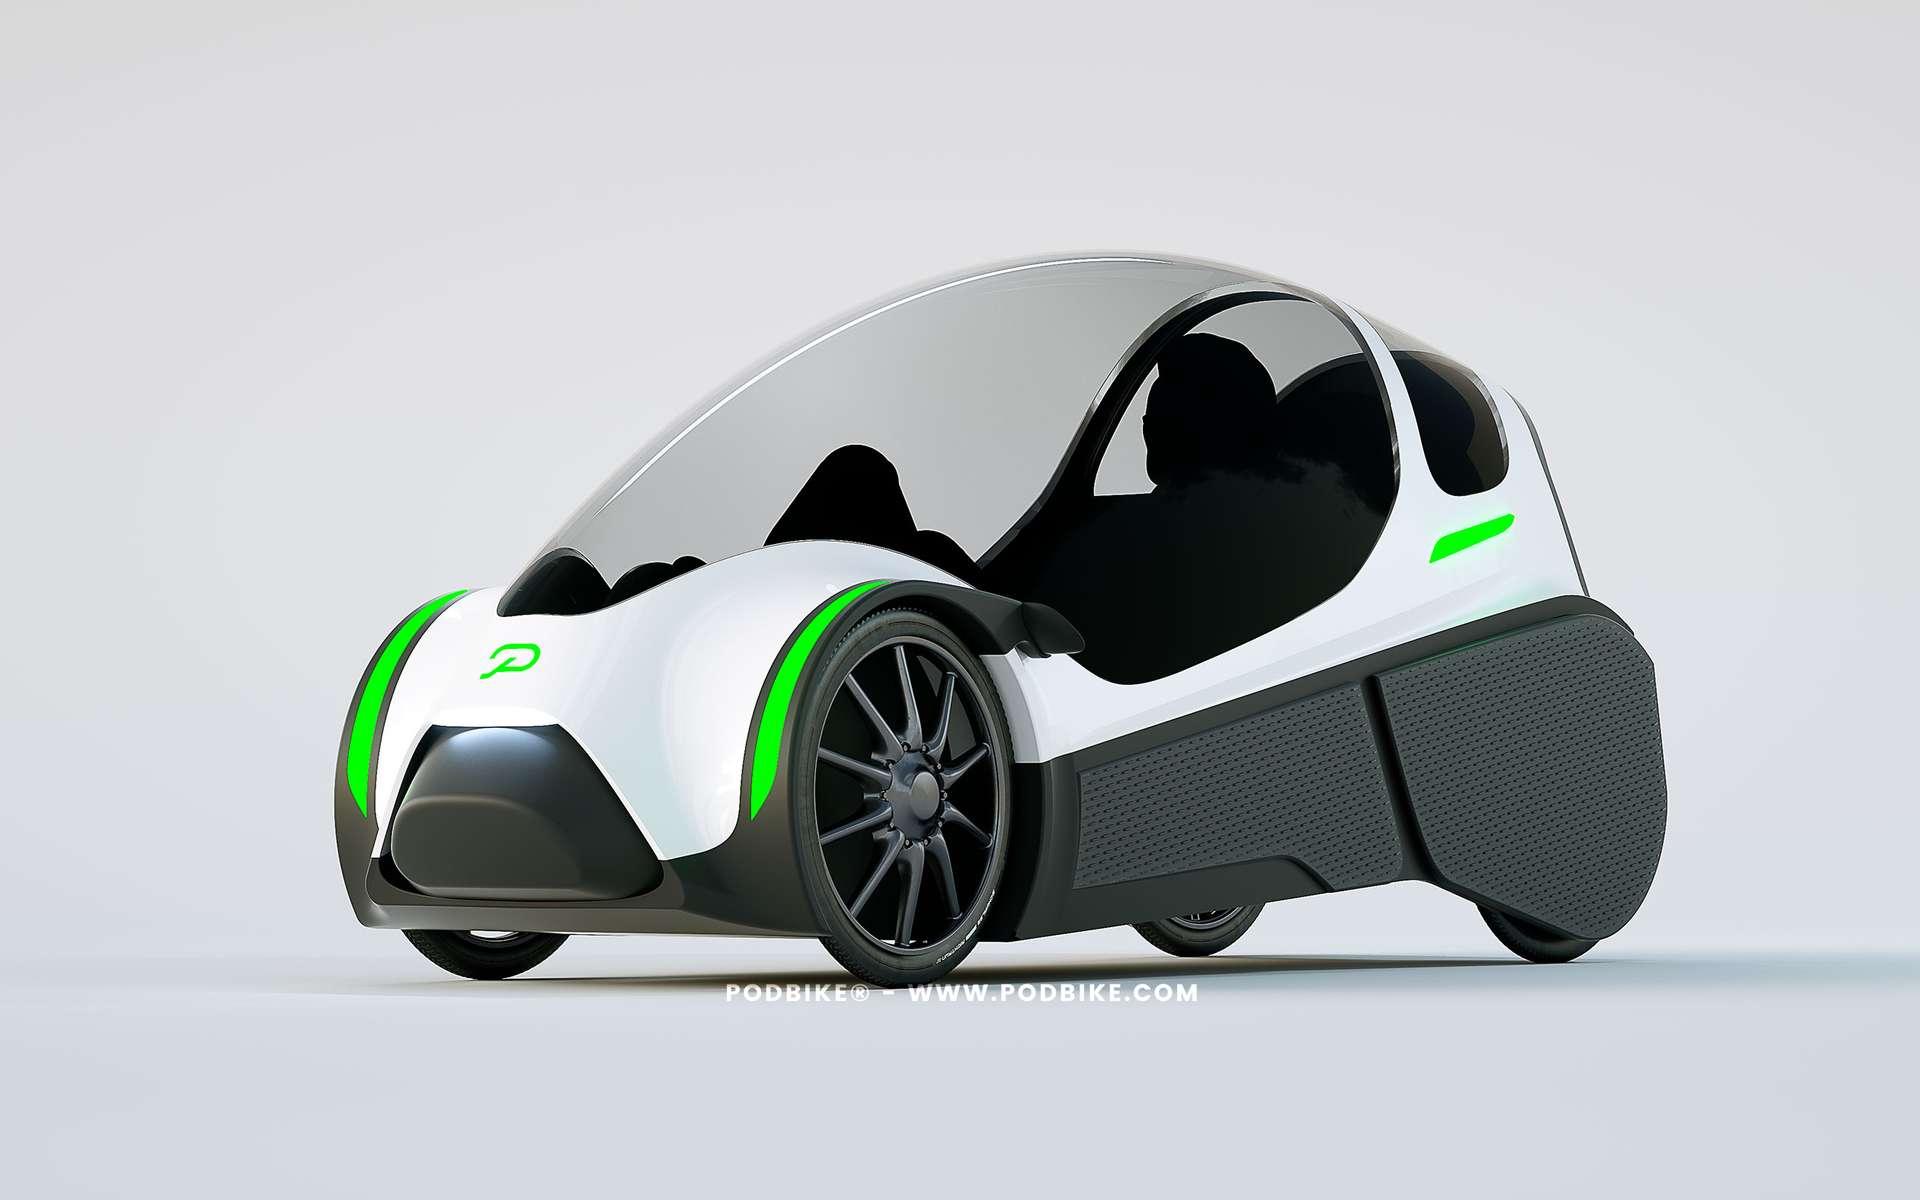 Le Podbike créé par la société norvégienne Elpedal est équipé de moteurs électriques logés dans les roues arrière. © Elpedal